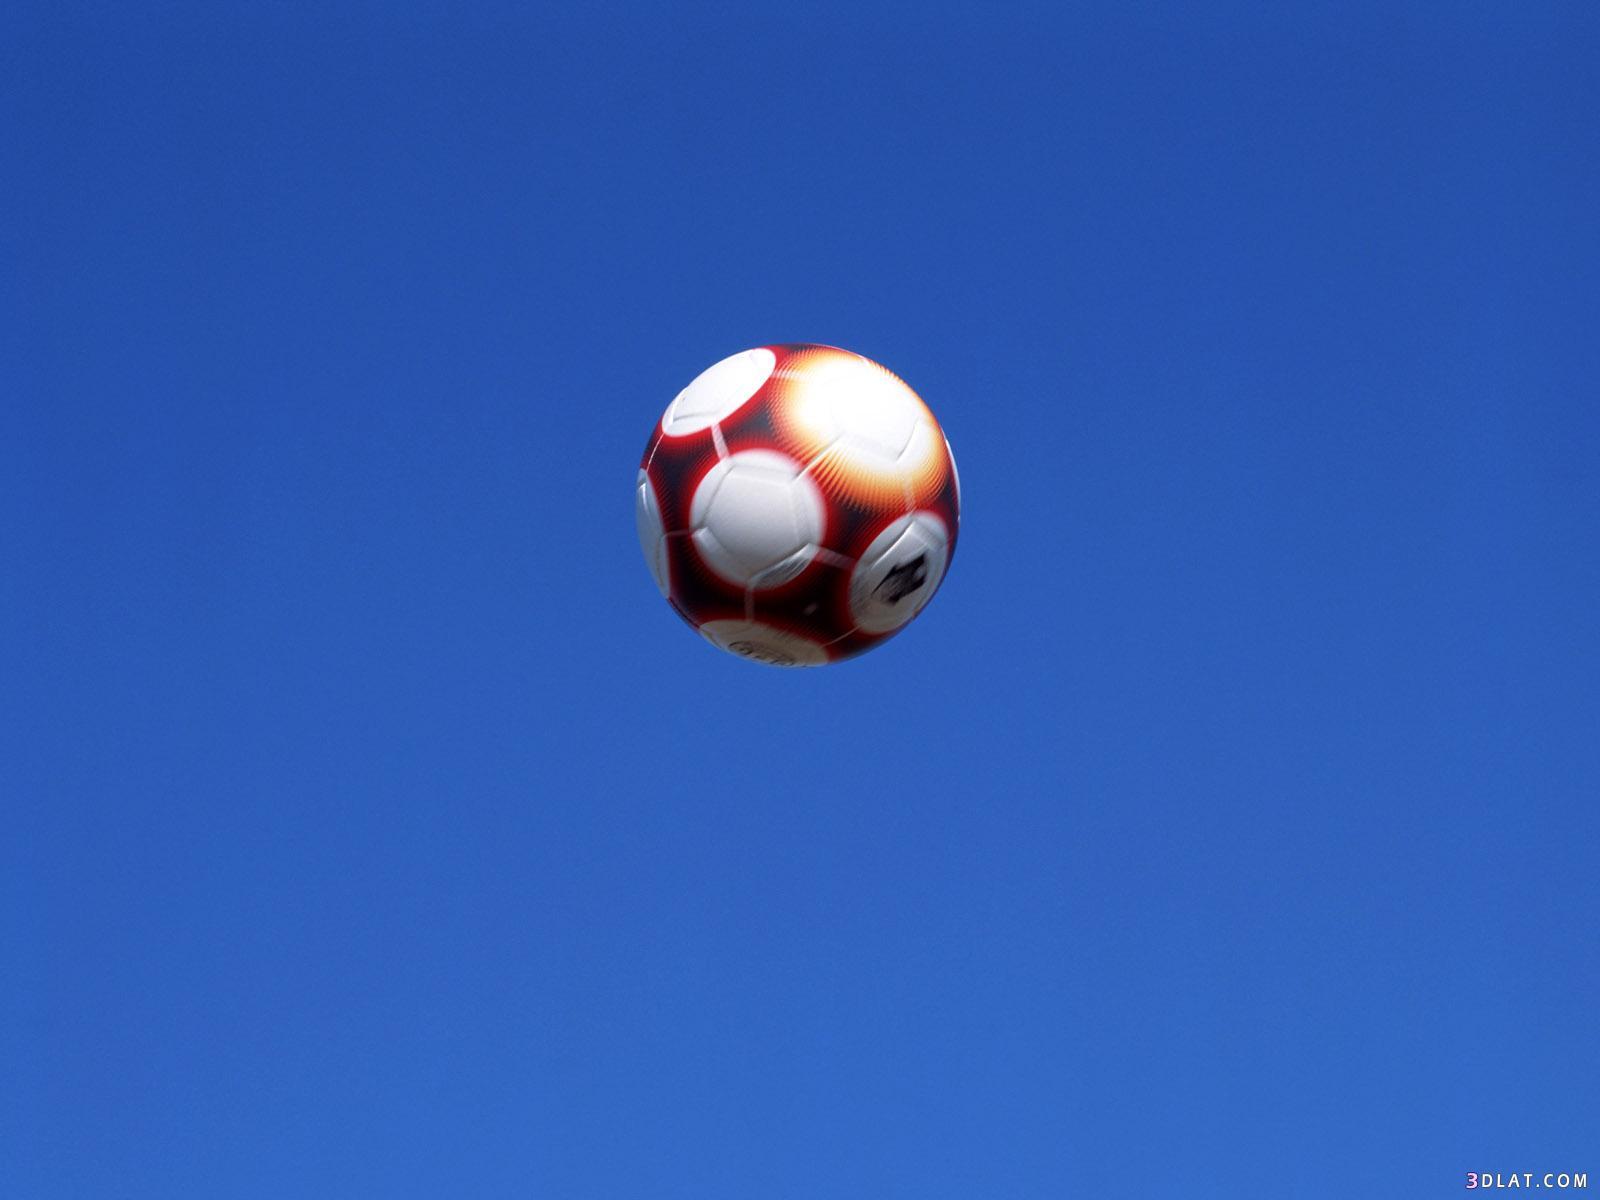 صور كرة قدم للتصميم صور خلفيات كره قدم